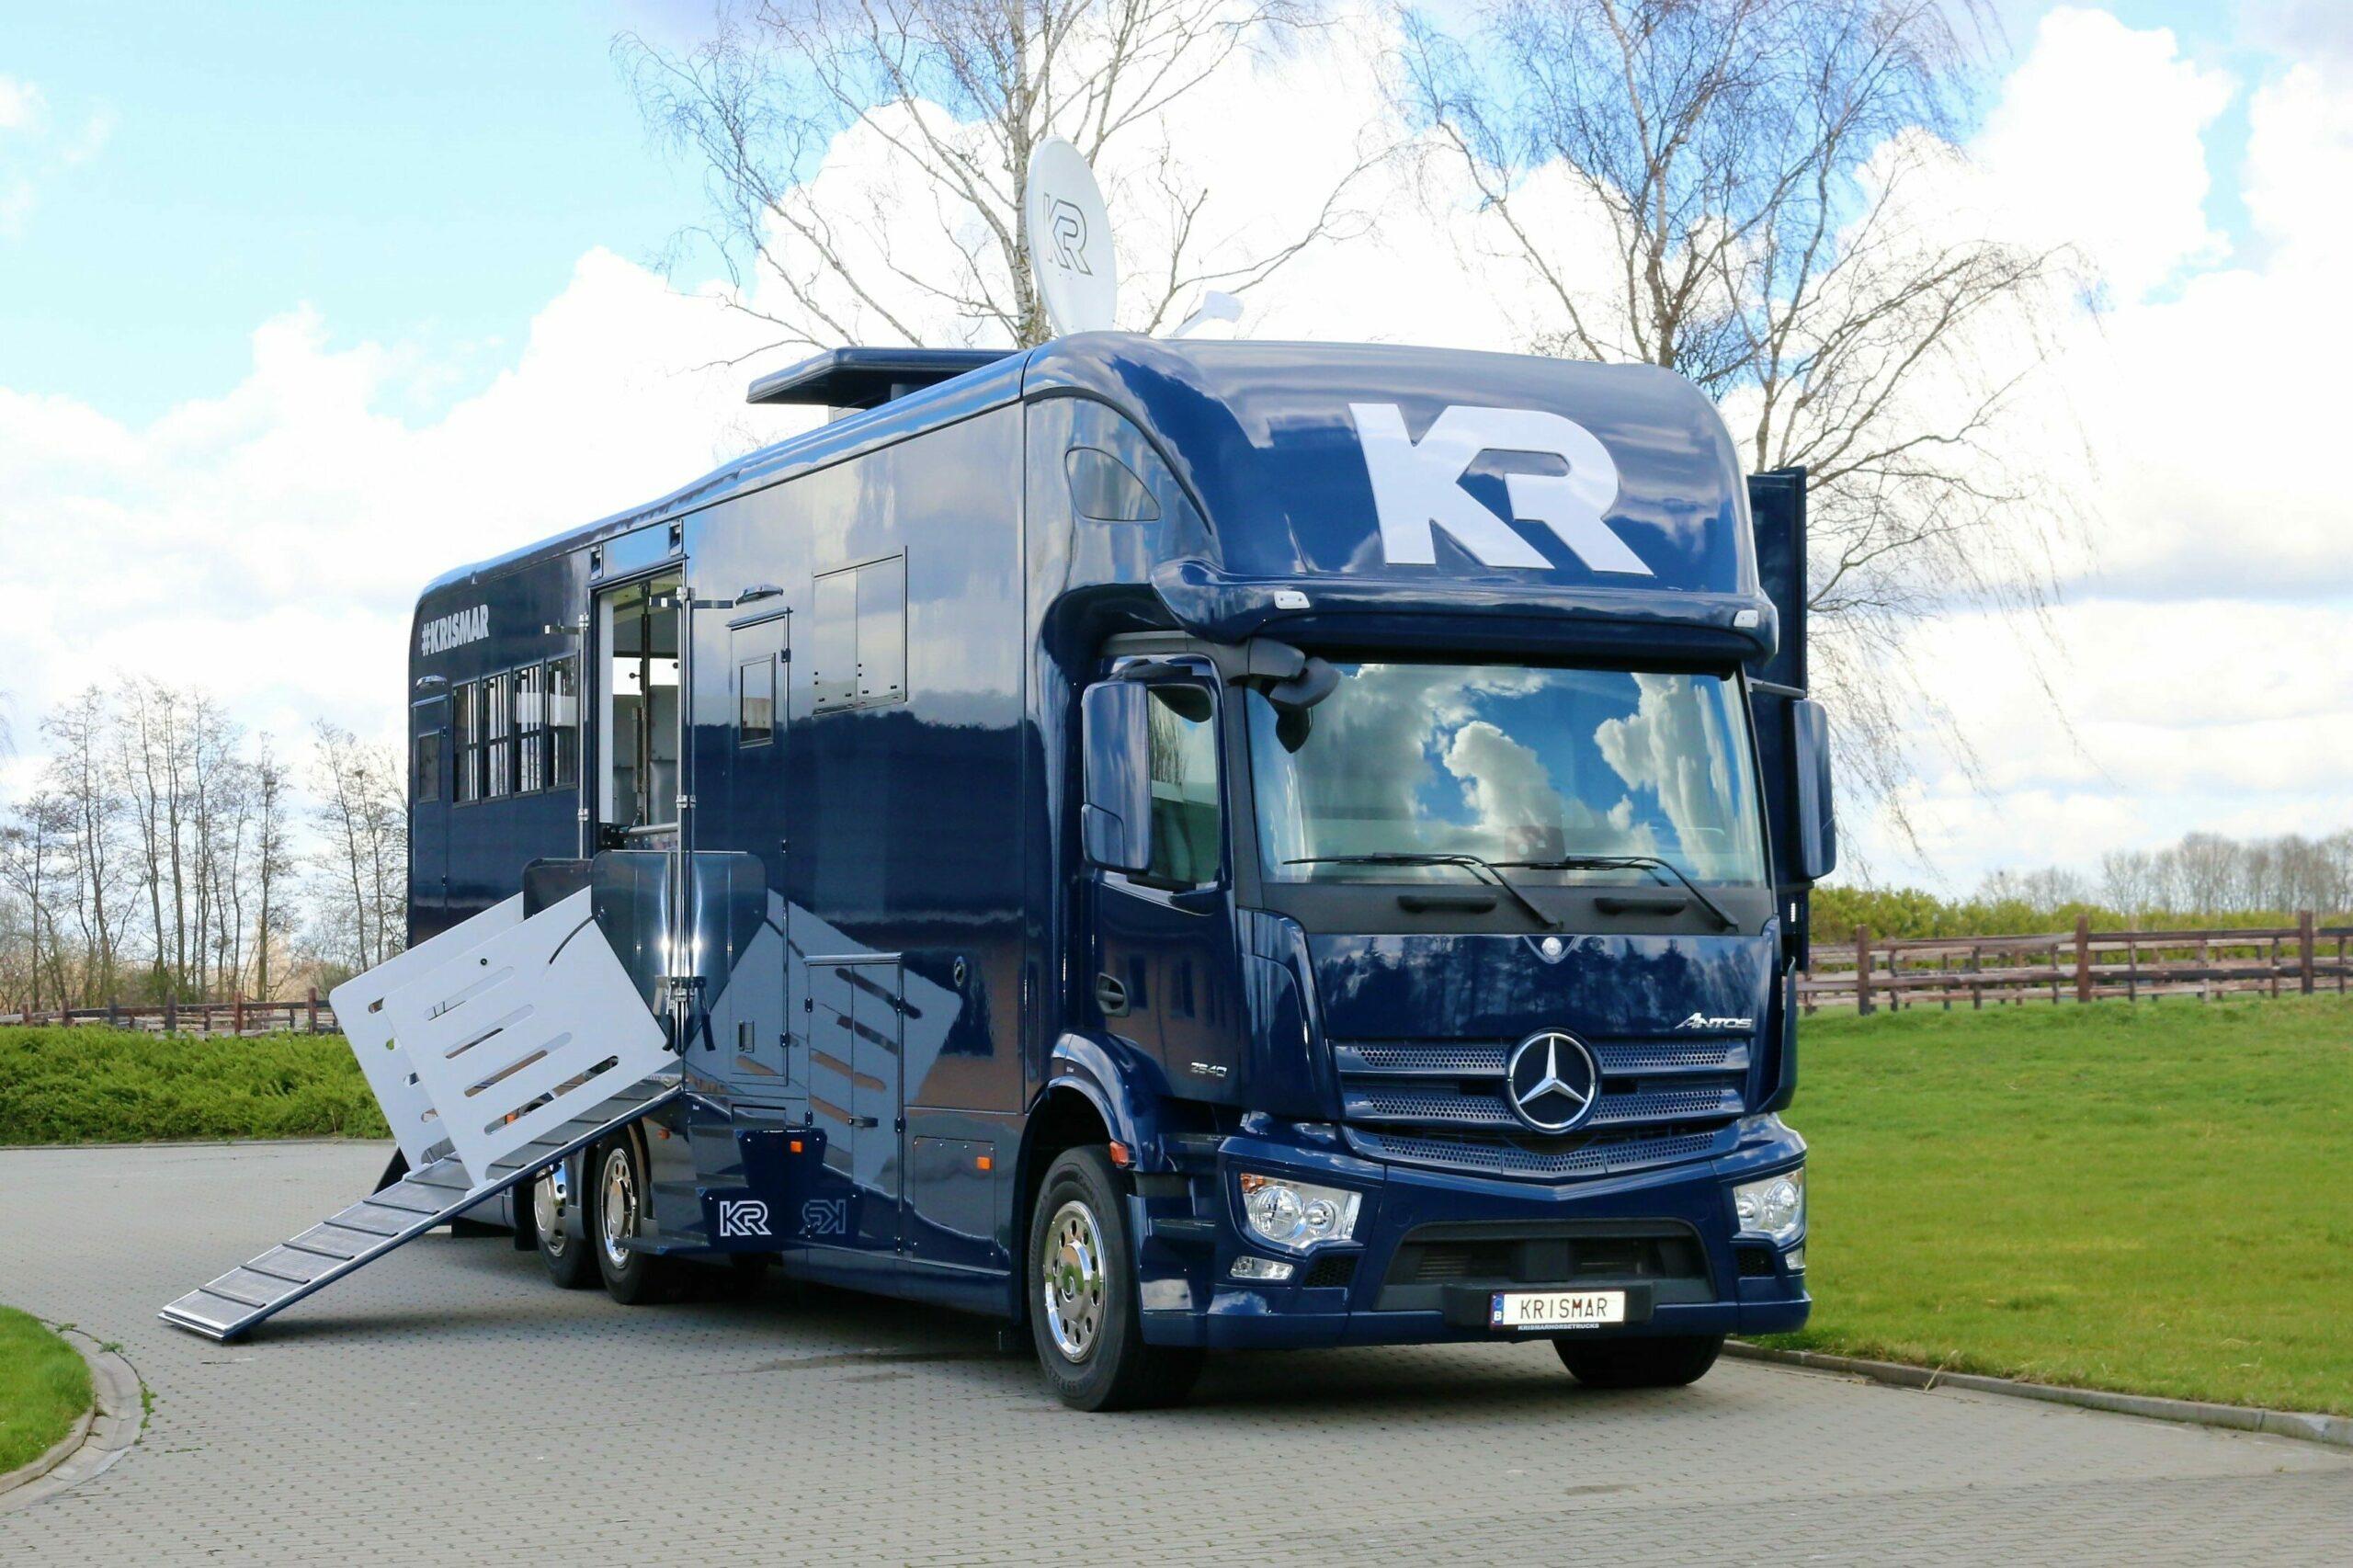 Krismar horse truck